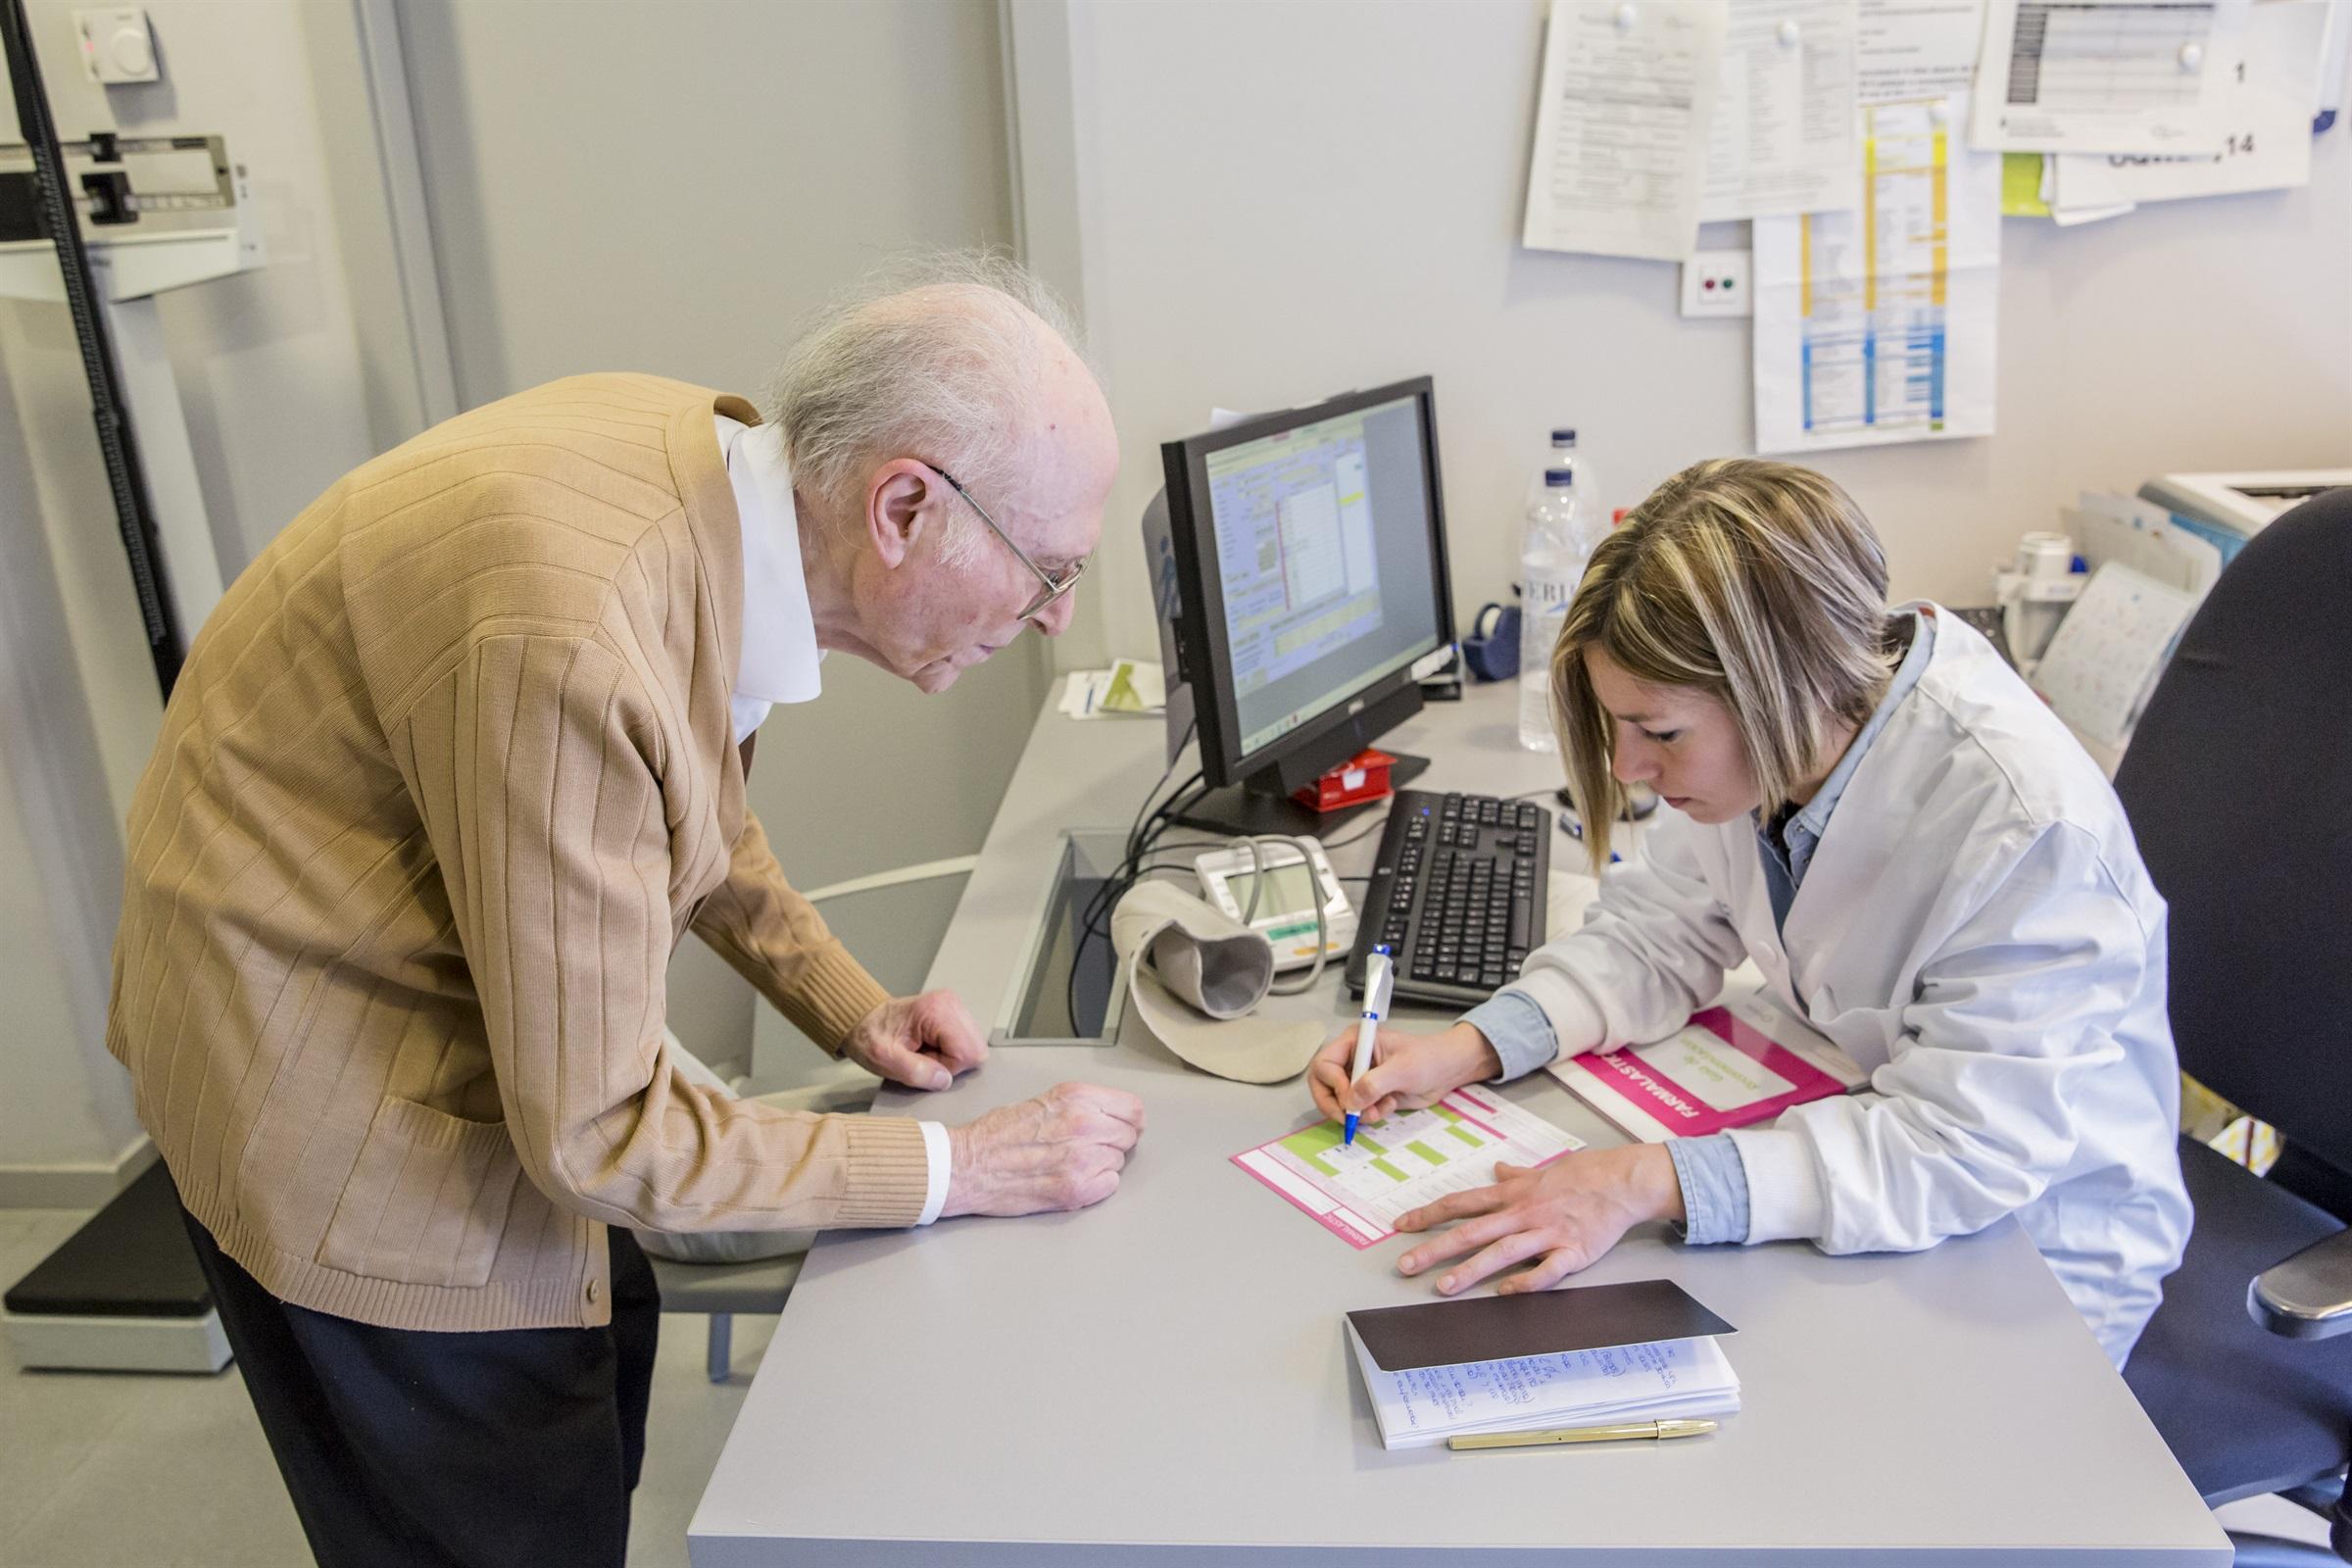 Les infermeres realitzen una tercera part de les visites a l'Atenció Primària de Catalunya